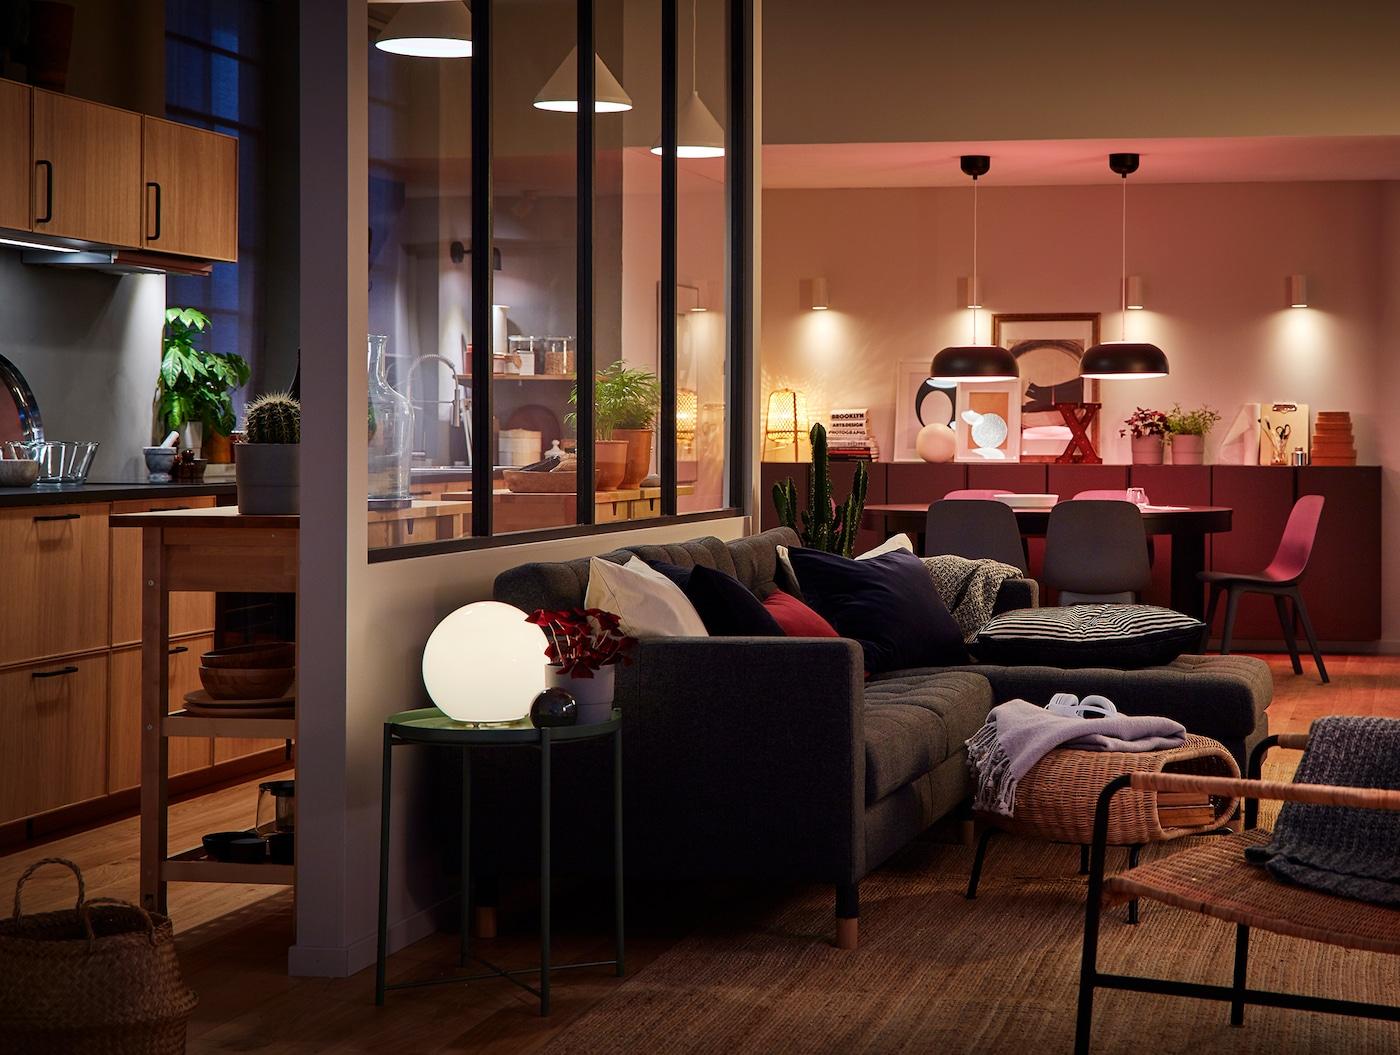 Nyitott nappali, étkező és konyha, különféle TRÅDFRI okos világításokkal.